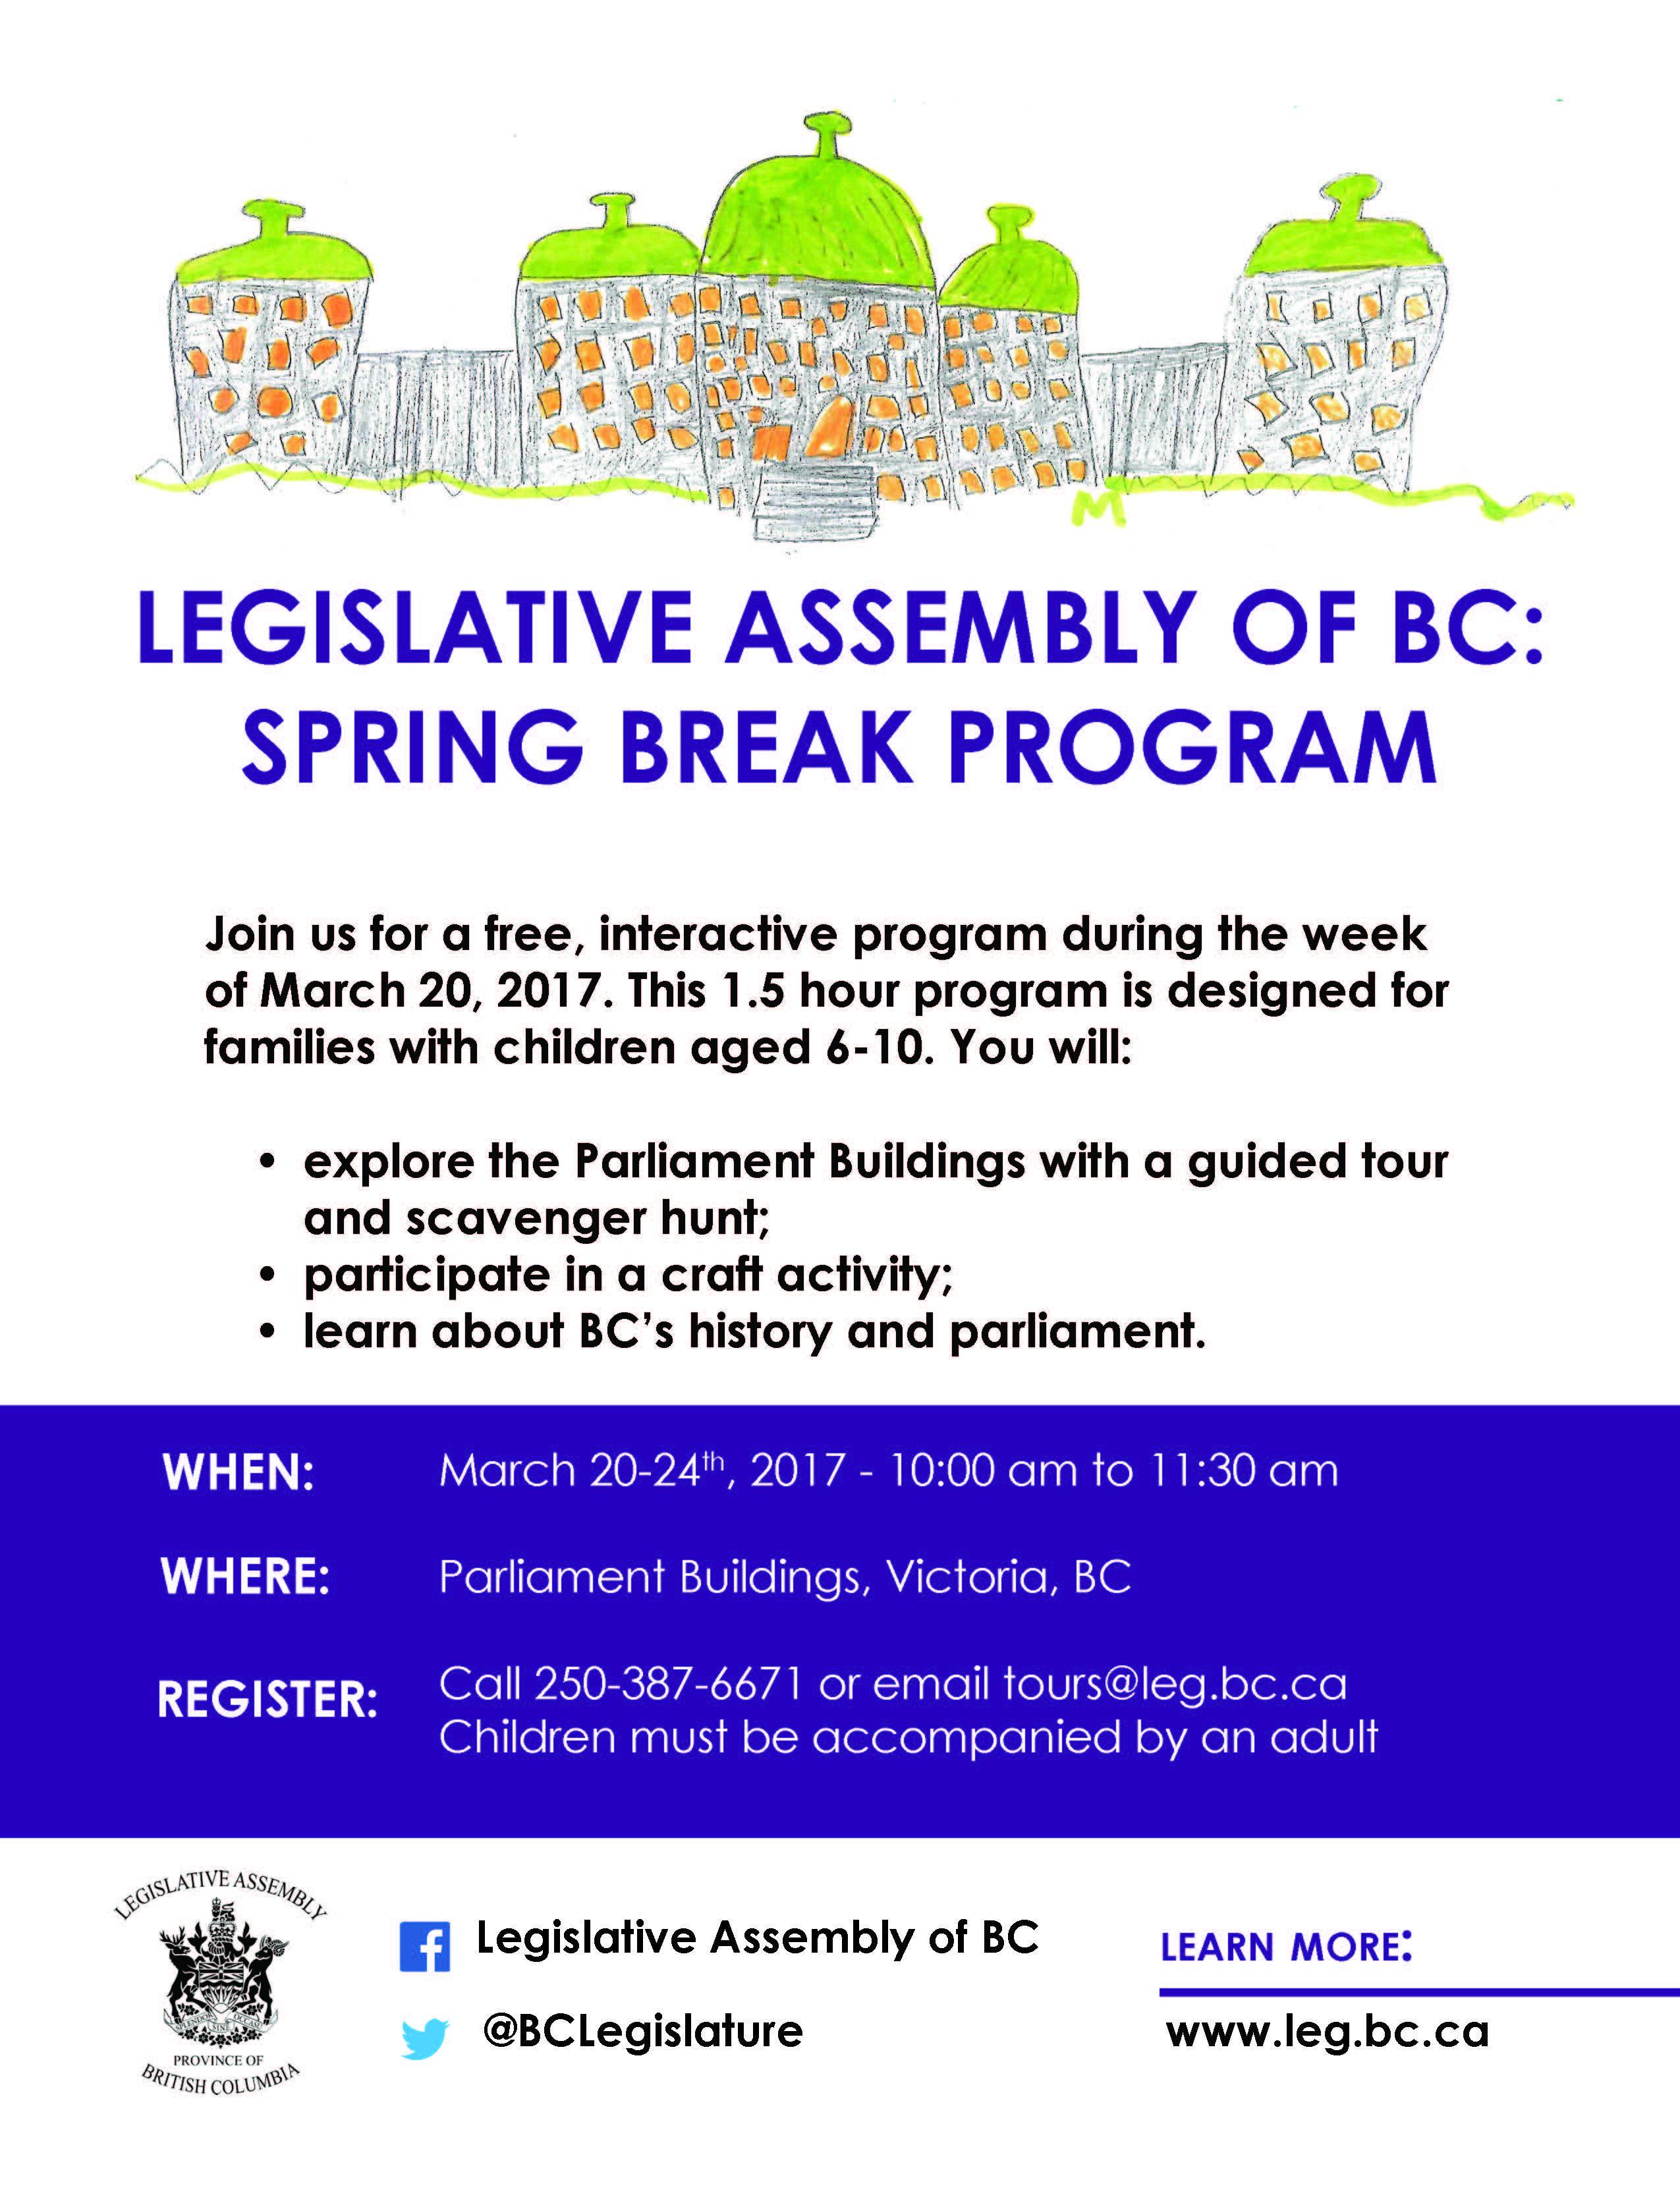 Spring Break 2017 Program Poster